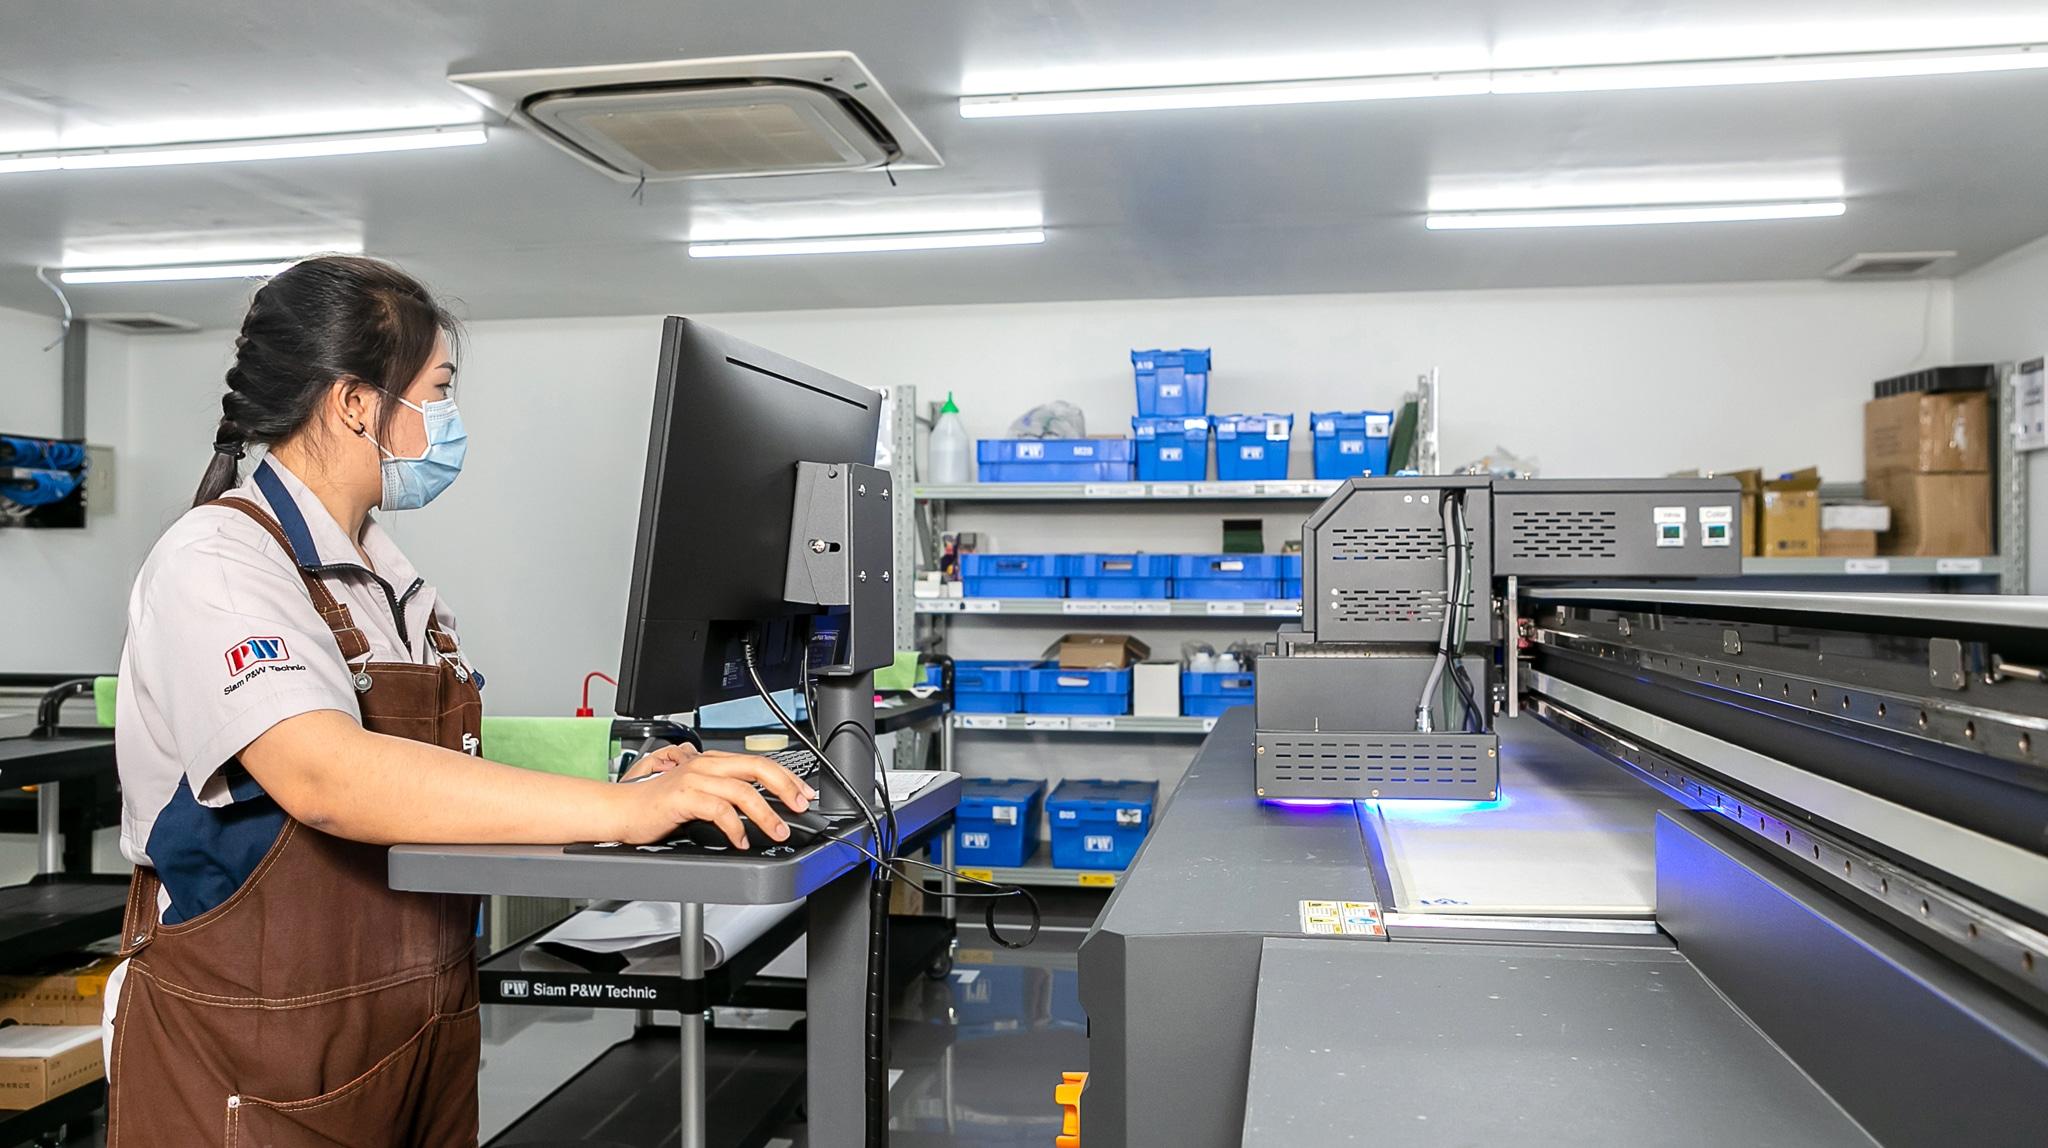 Siam P&W Technic - ワイズデジタル【タイで働く人のための情報サイト】